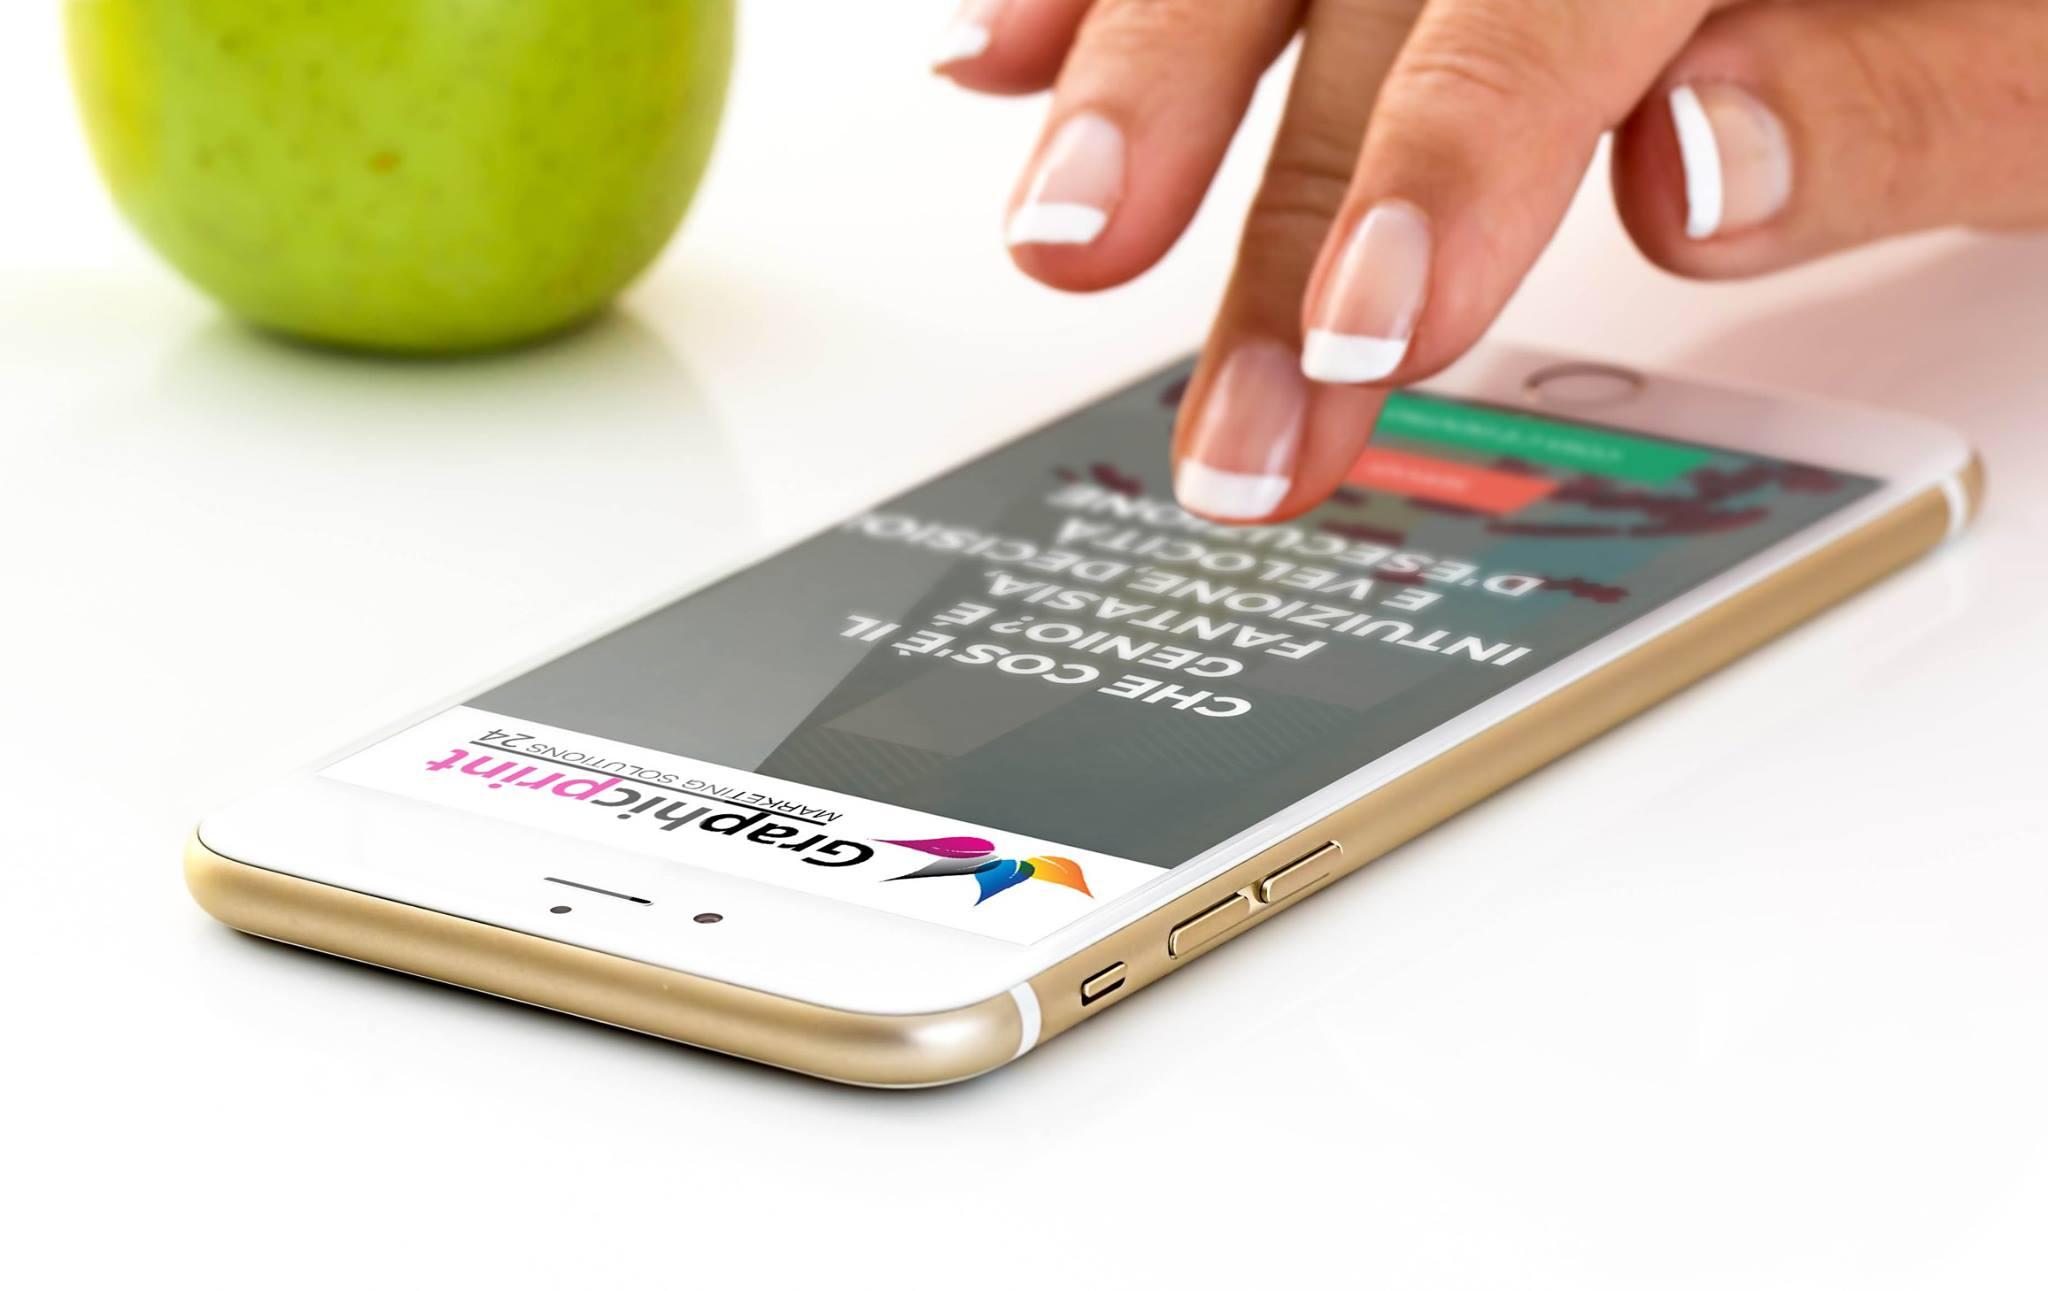 Il sito pensalo mobile graphicprint 24 for Sito mobili